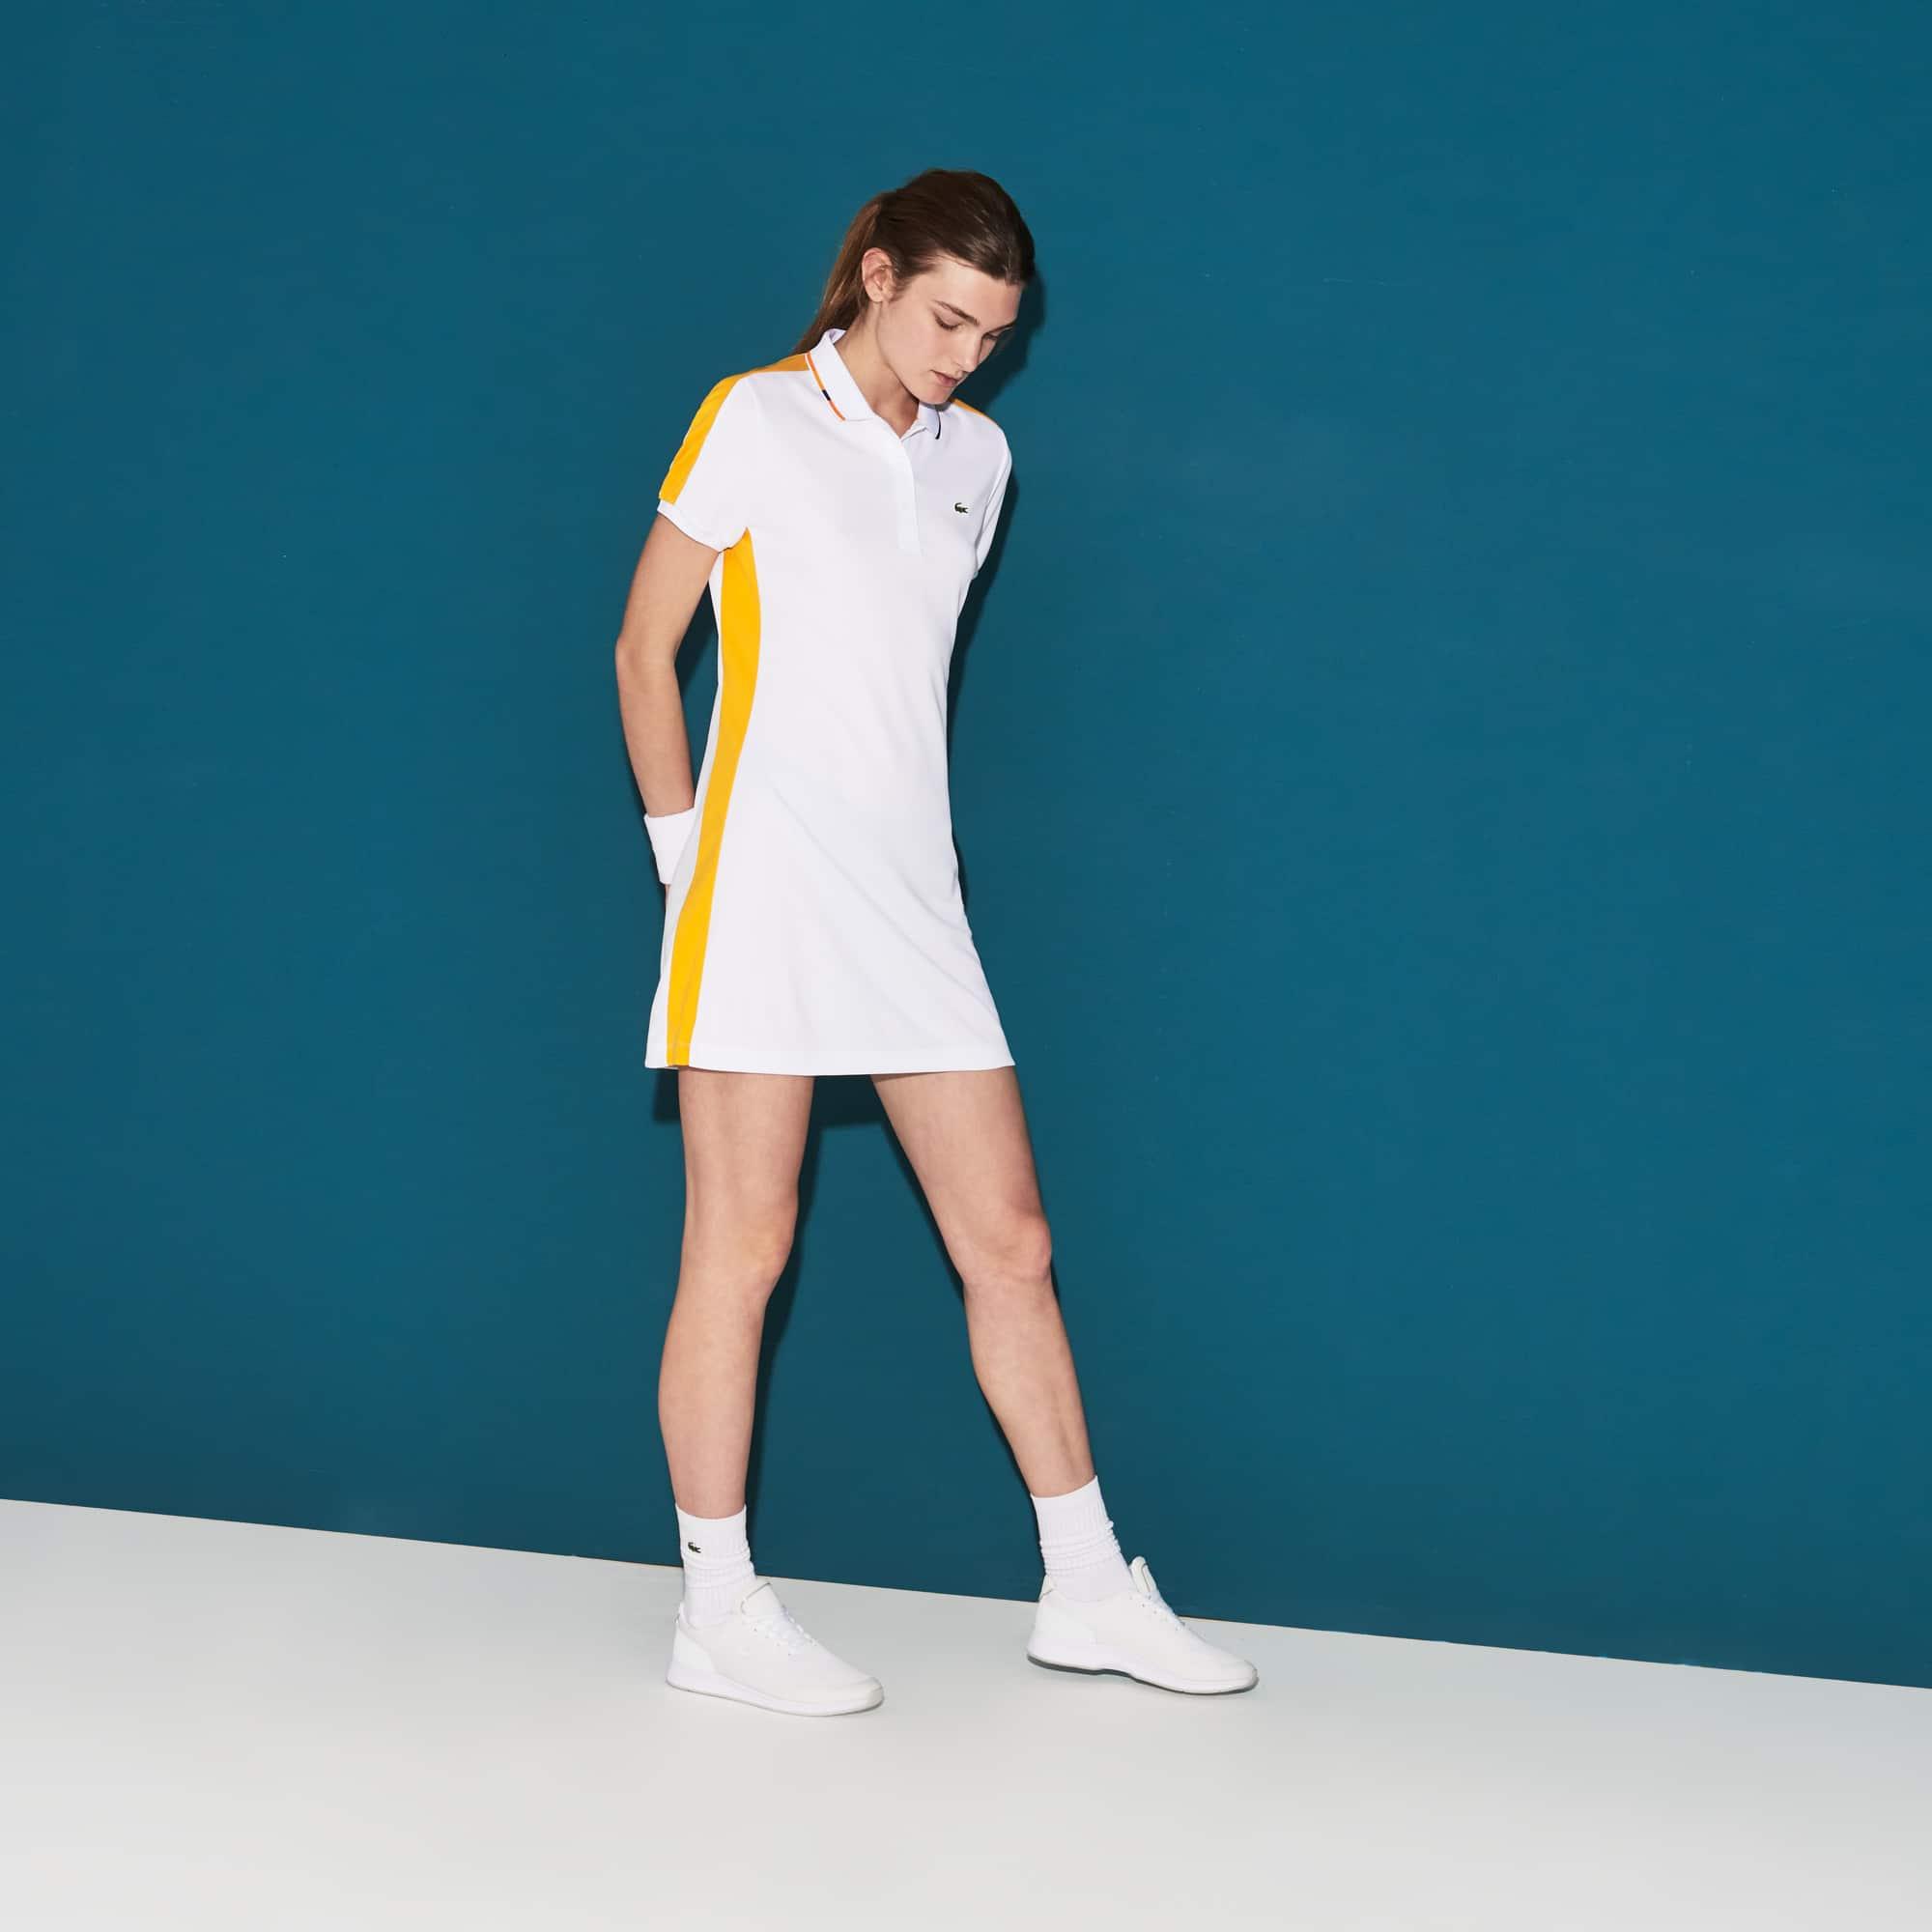 Vestido polo Tennis Lacoste SPORT em piqué técnico com faixas a contrastar